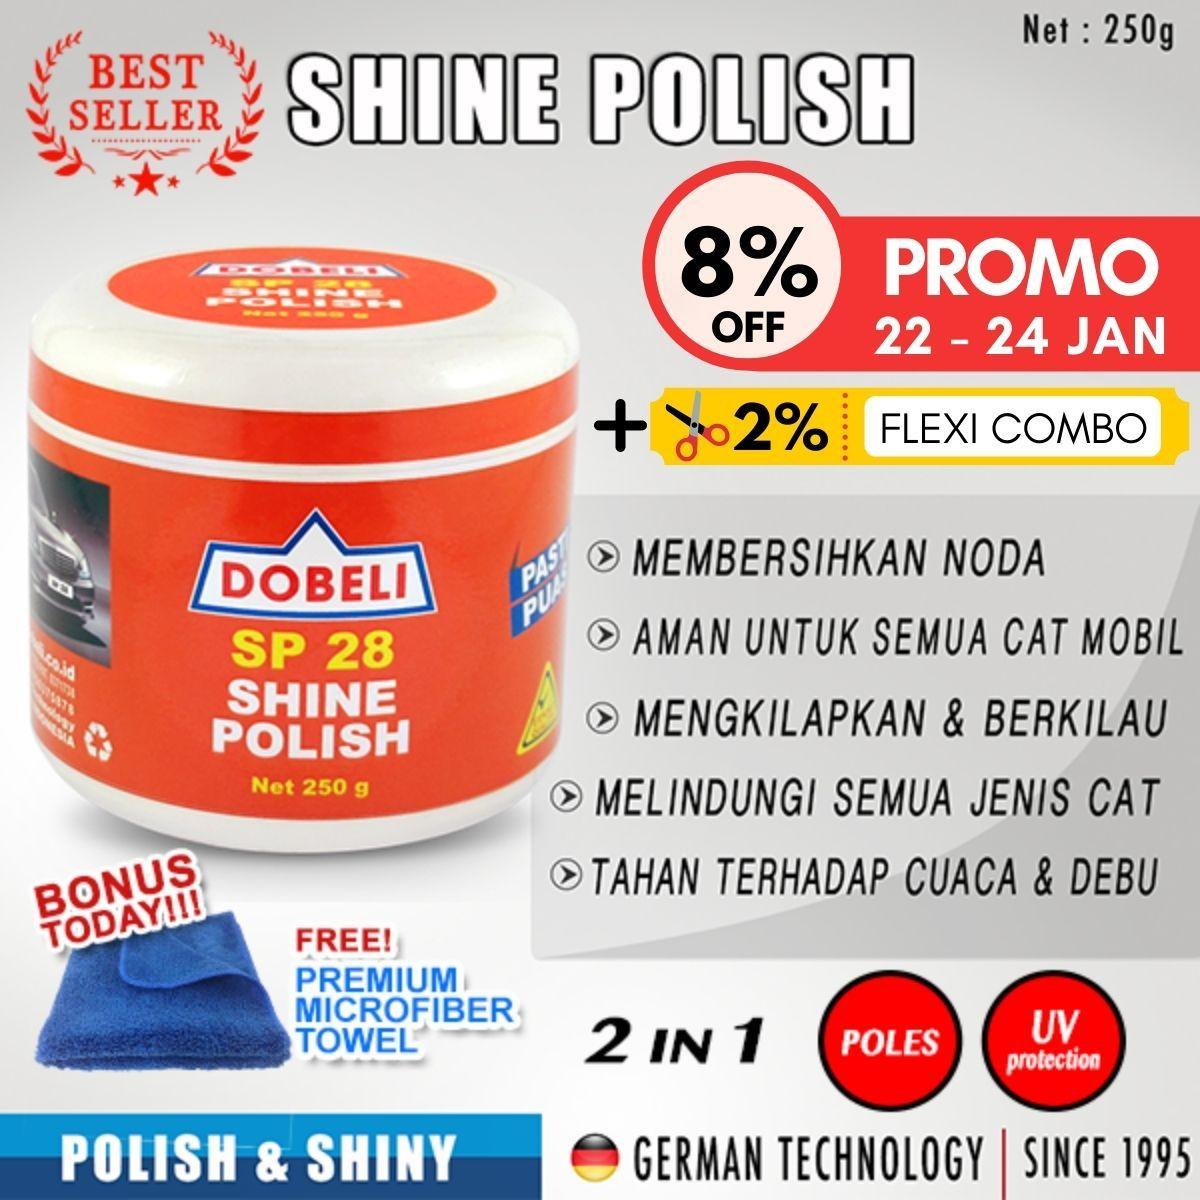 2 in 1 – poles mobil / mengkilapkan & melindungi cat / [+ bonus free microfiber] 100%original / sp 28 shine polish – pembersih body mobil  – do 250g